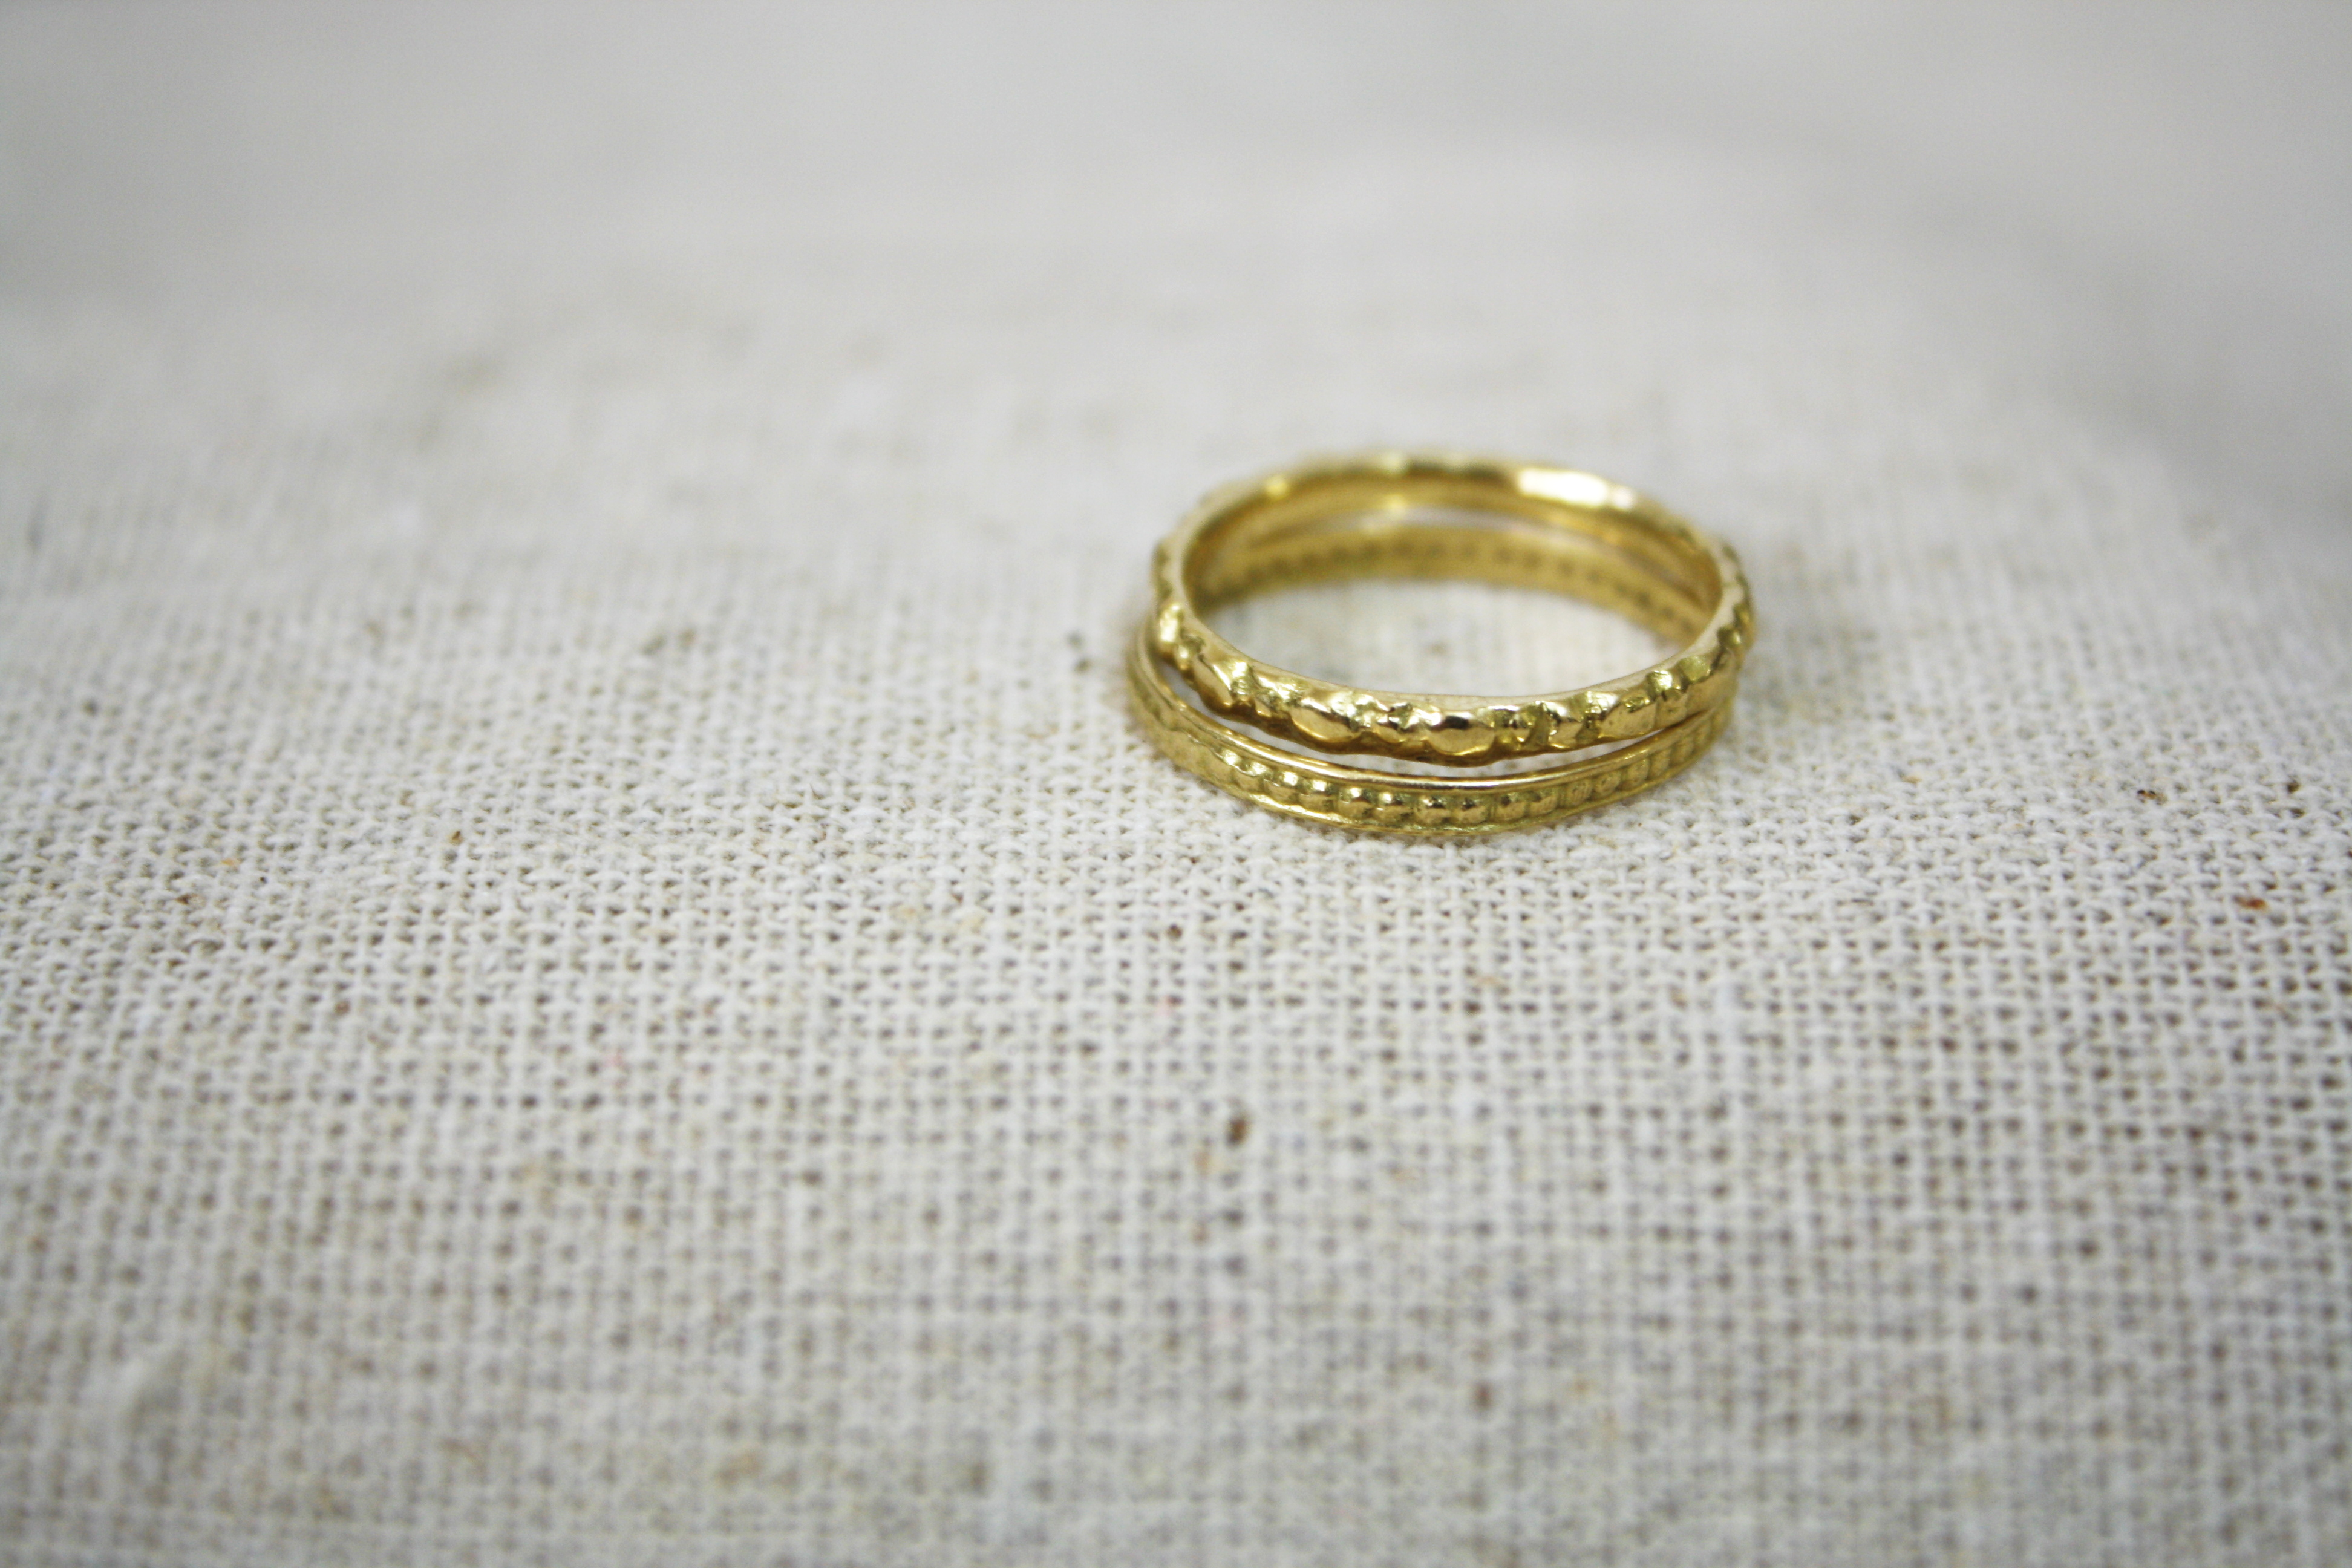 טבעת עיטורים, טבעת אלף לילה זהב